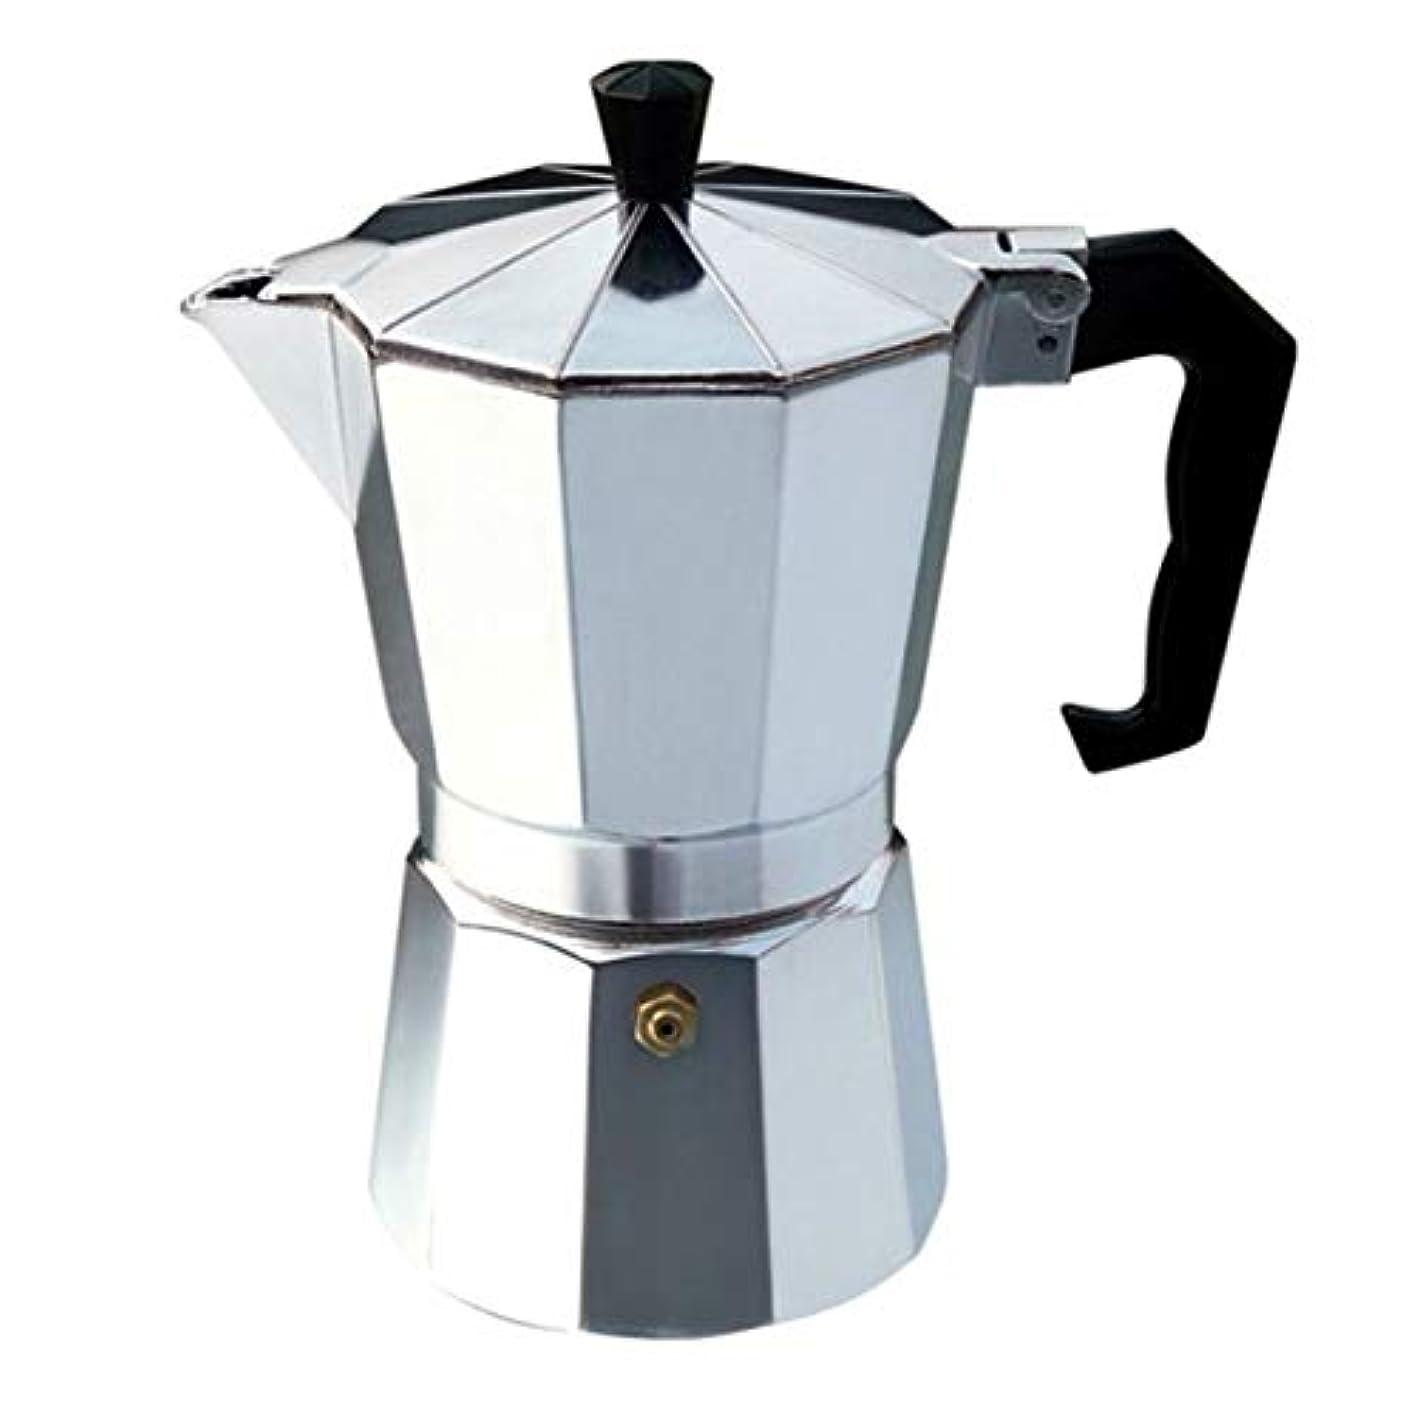 促進するサポート液体Saikogoods ナガXuefeiイタリアコーヒーブラックコーヒーモカコーヒー 実用的なギフト 簡単にクリーンアップするためにアルミ真岡鍋 Octangleコーヒーメーカー 銀 6カップ